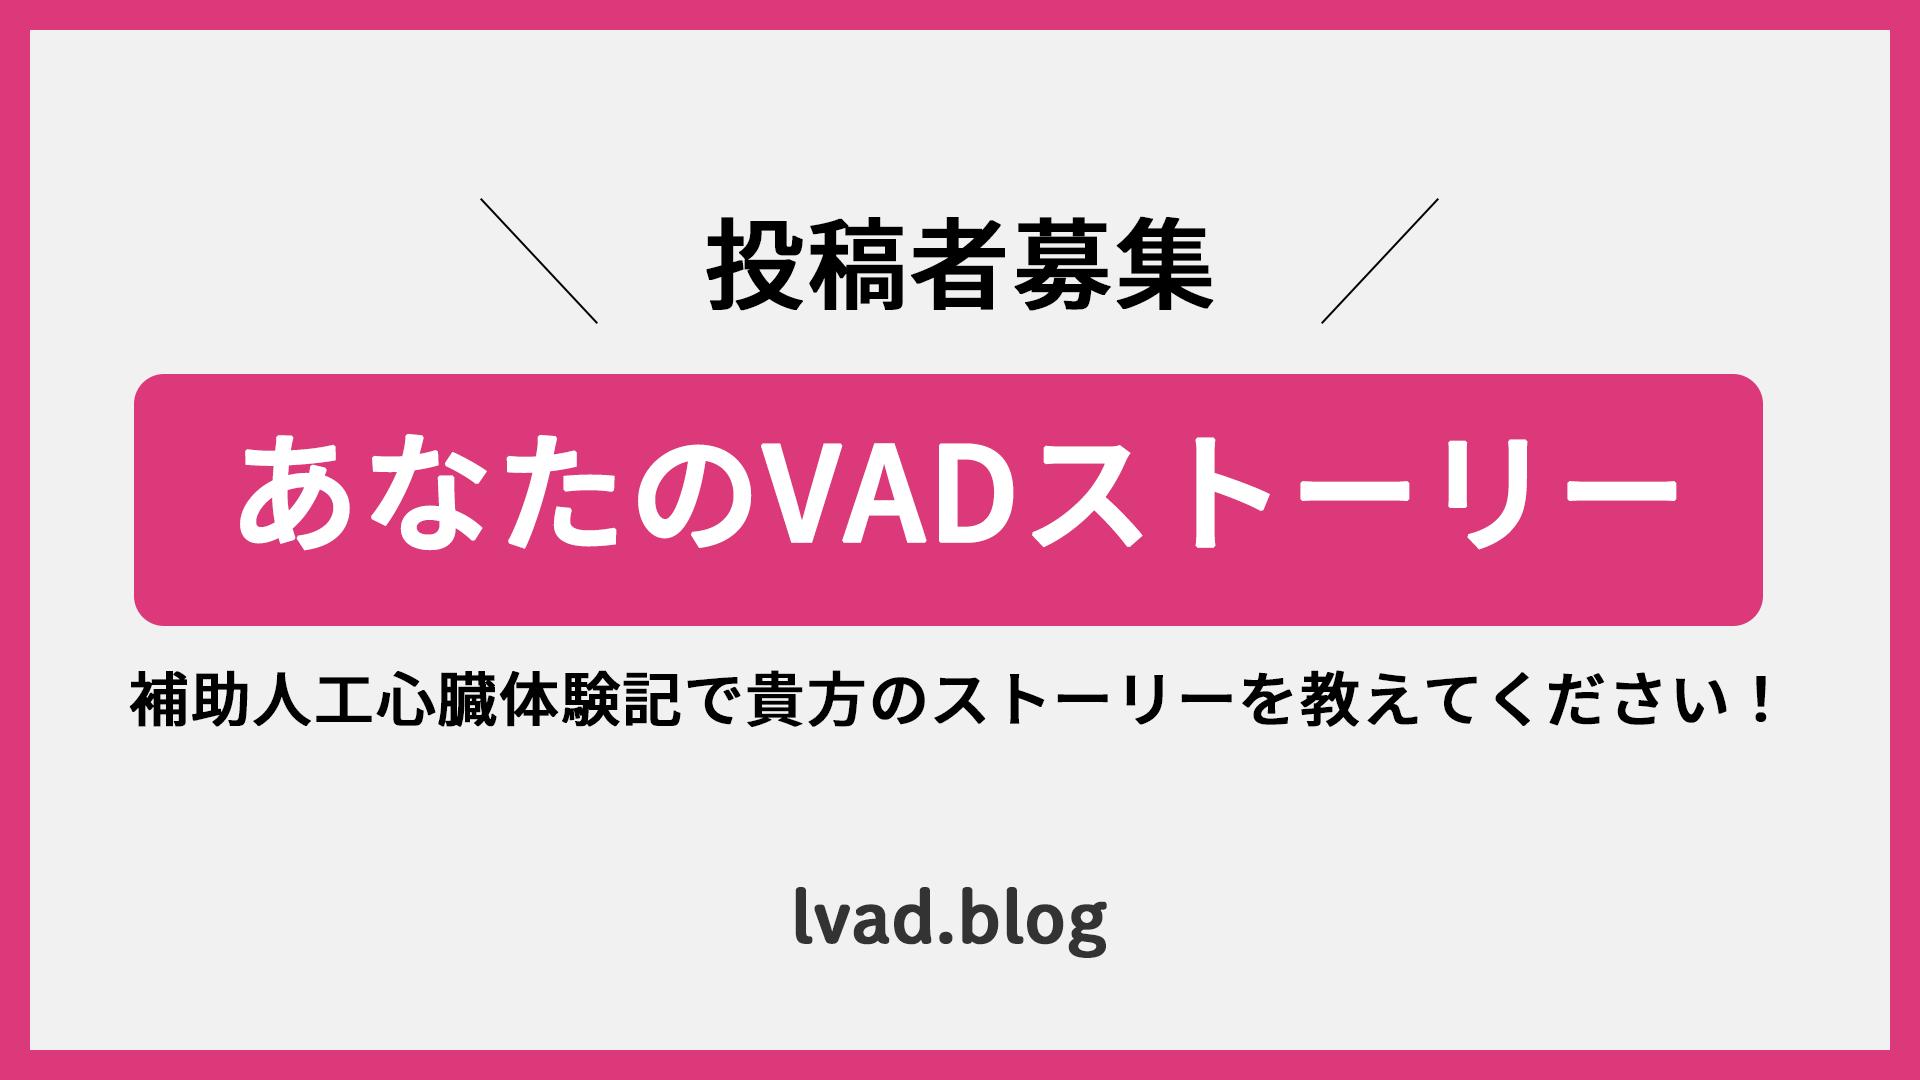 VAD患者、介助者のブログ投稿メンバーを募集しています